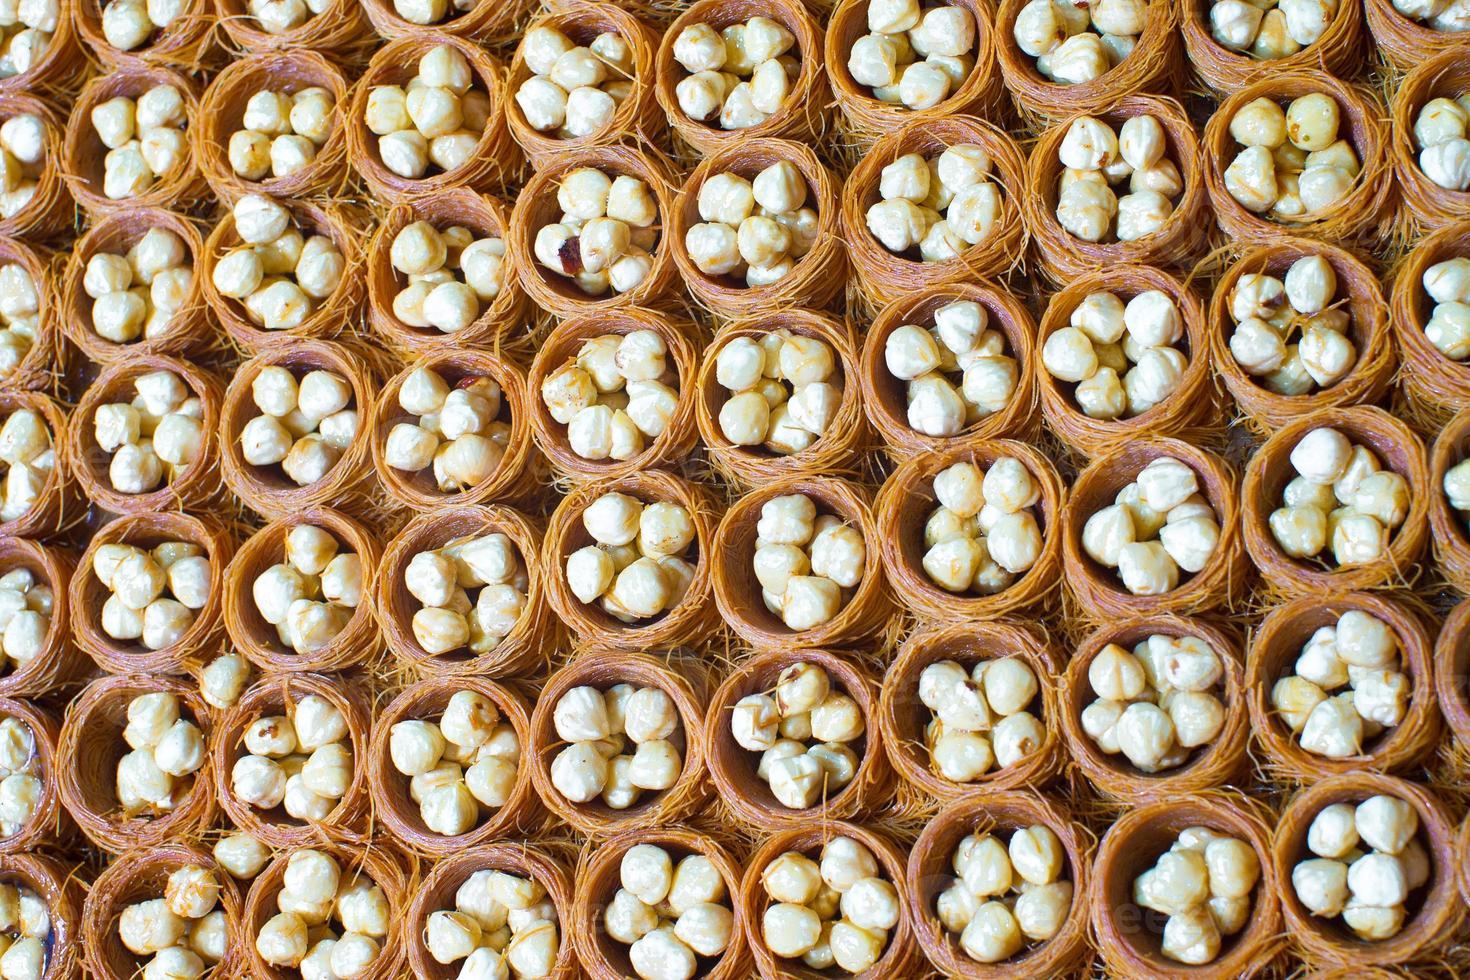 traditionelle türkische Süßigkeiten auf dem Istanbuler Markt foto